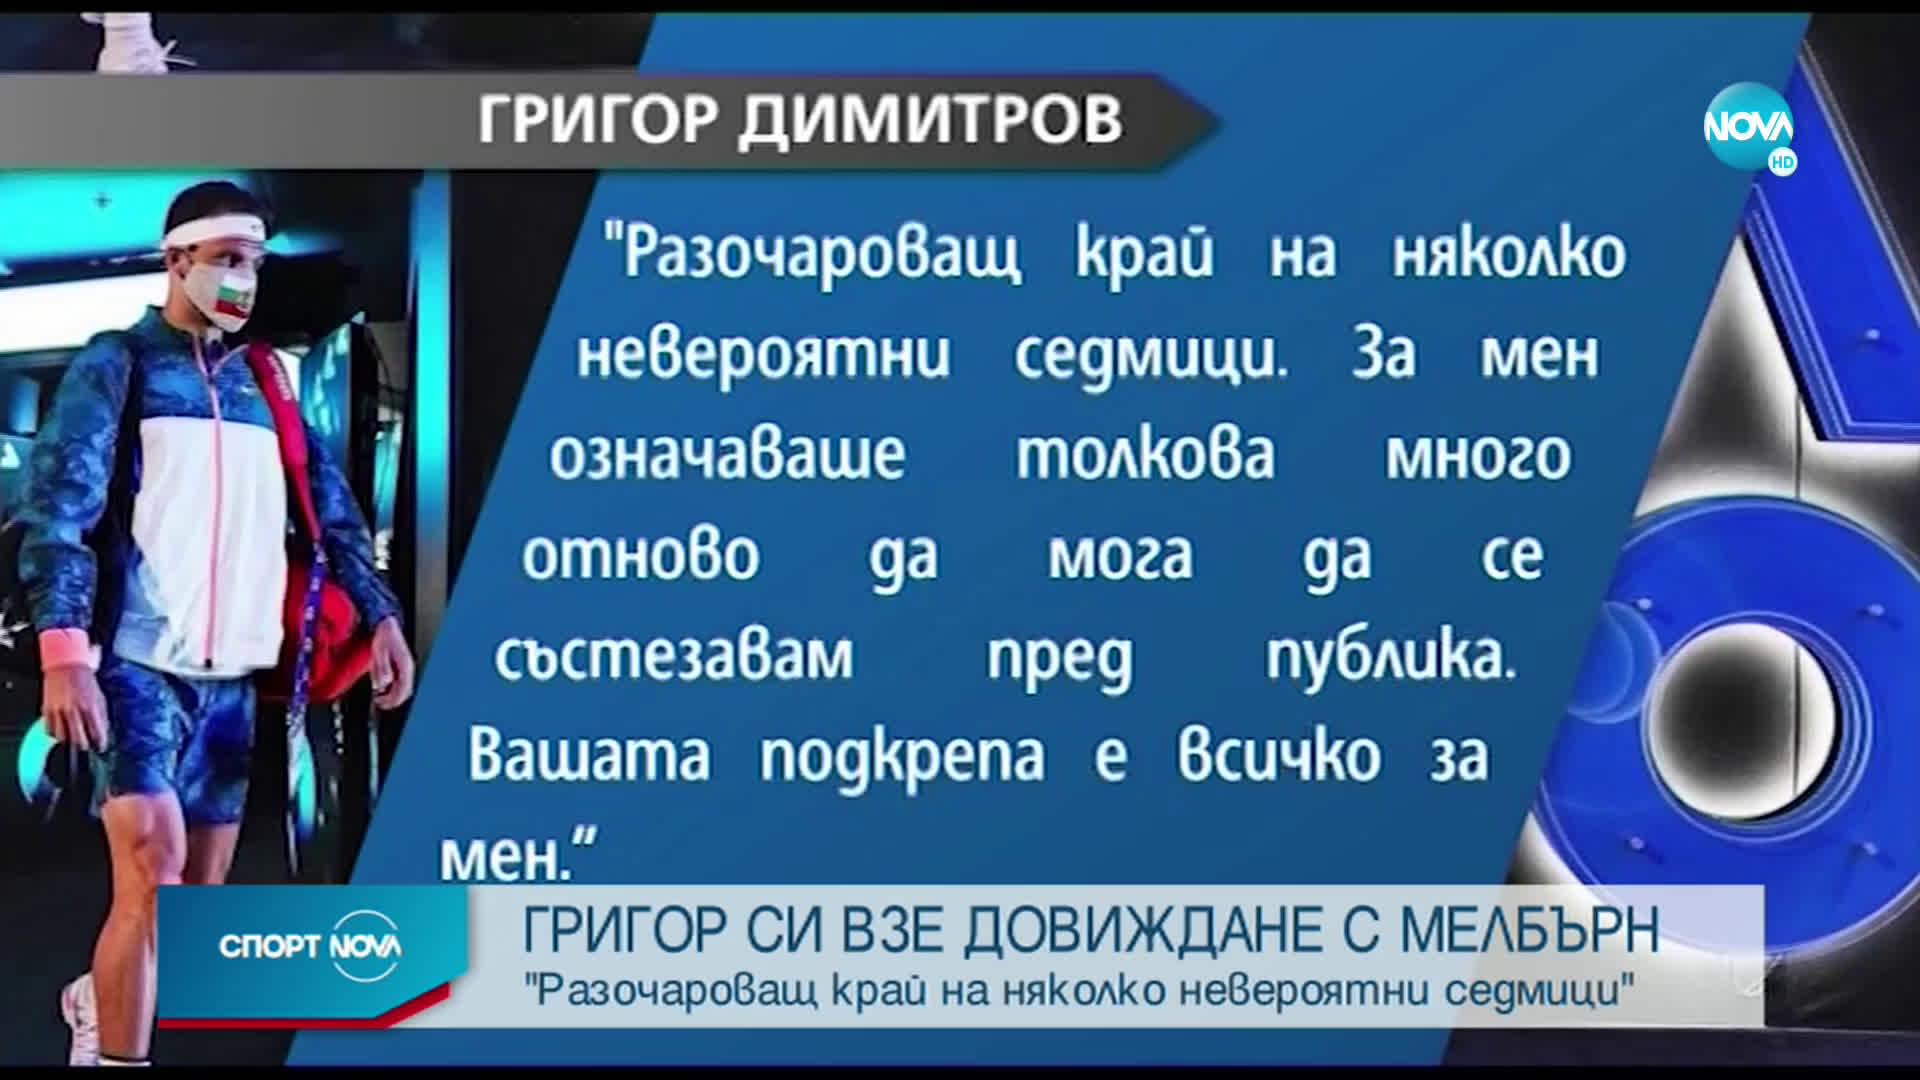 Григор Димитров: Разочароващ край, но нямам търпение да се върна